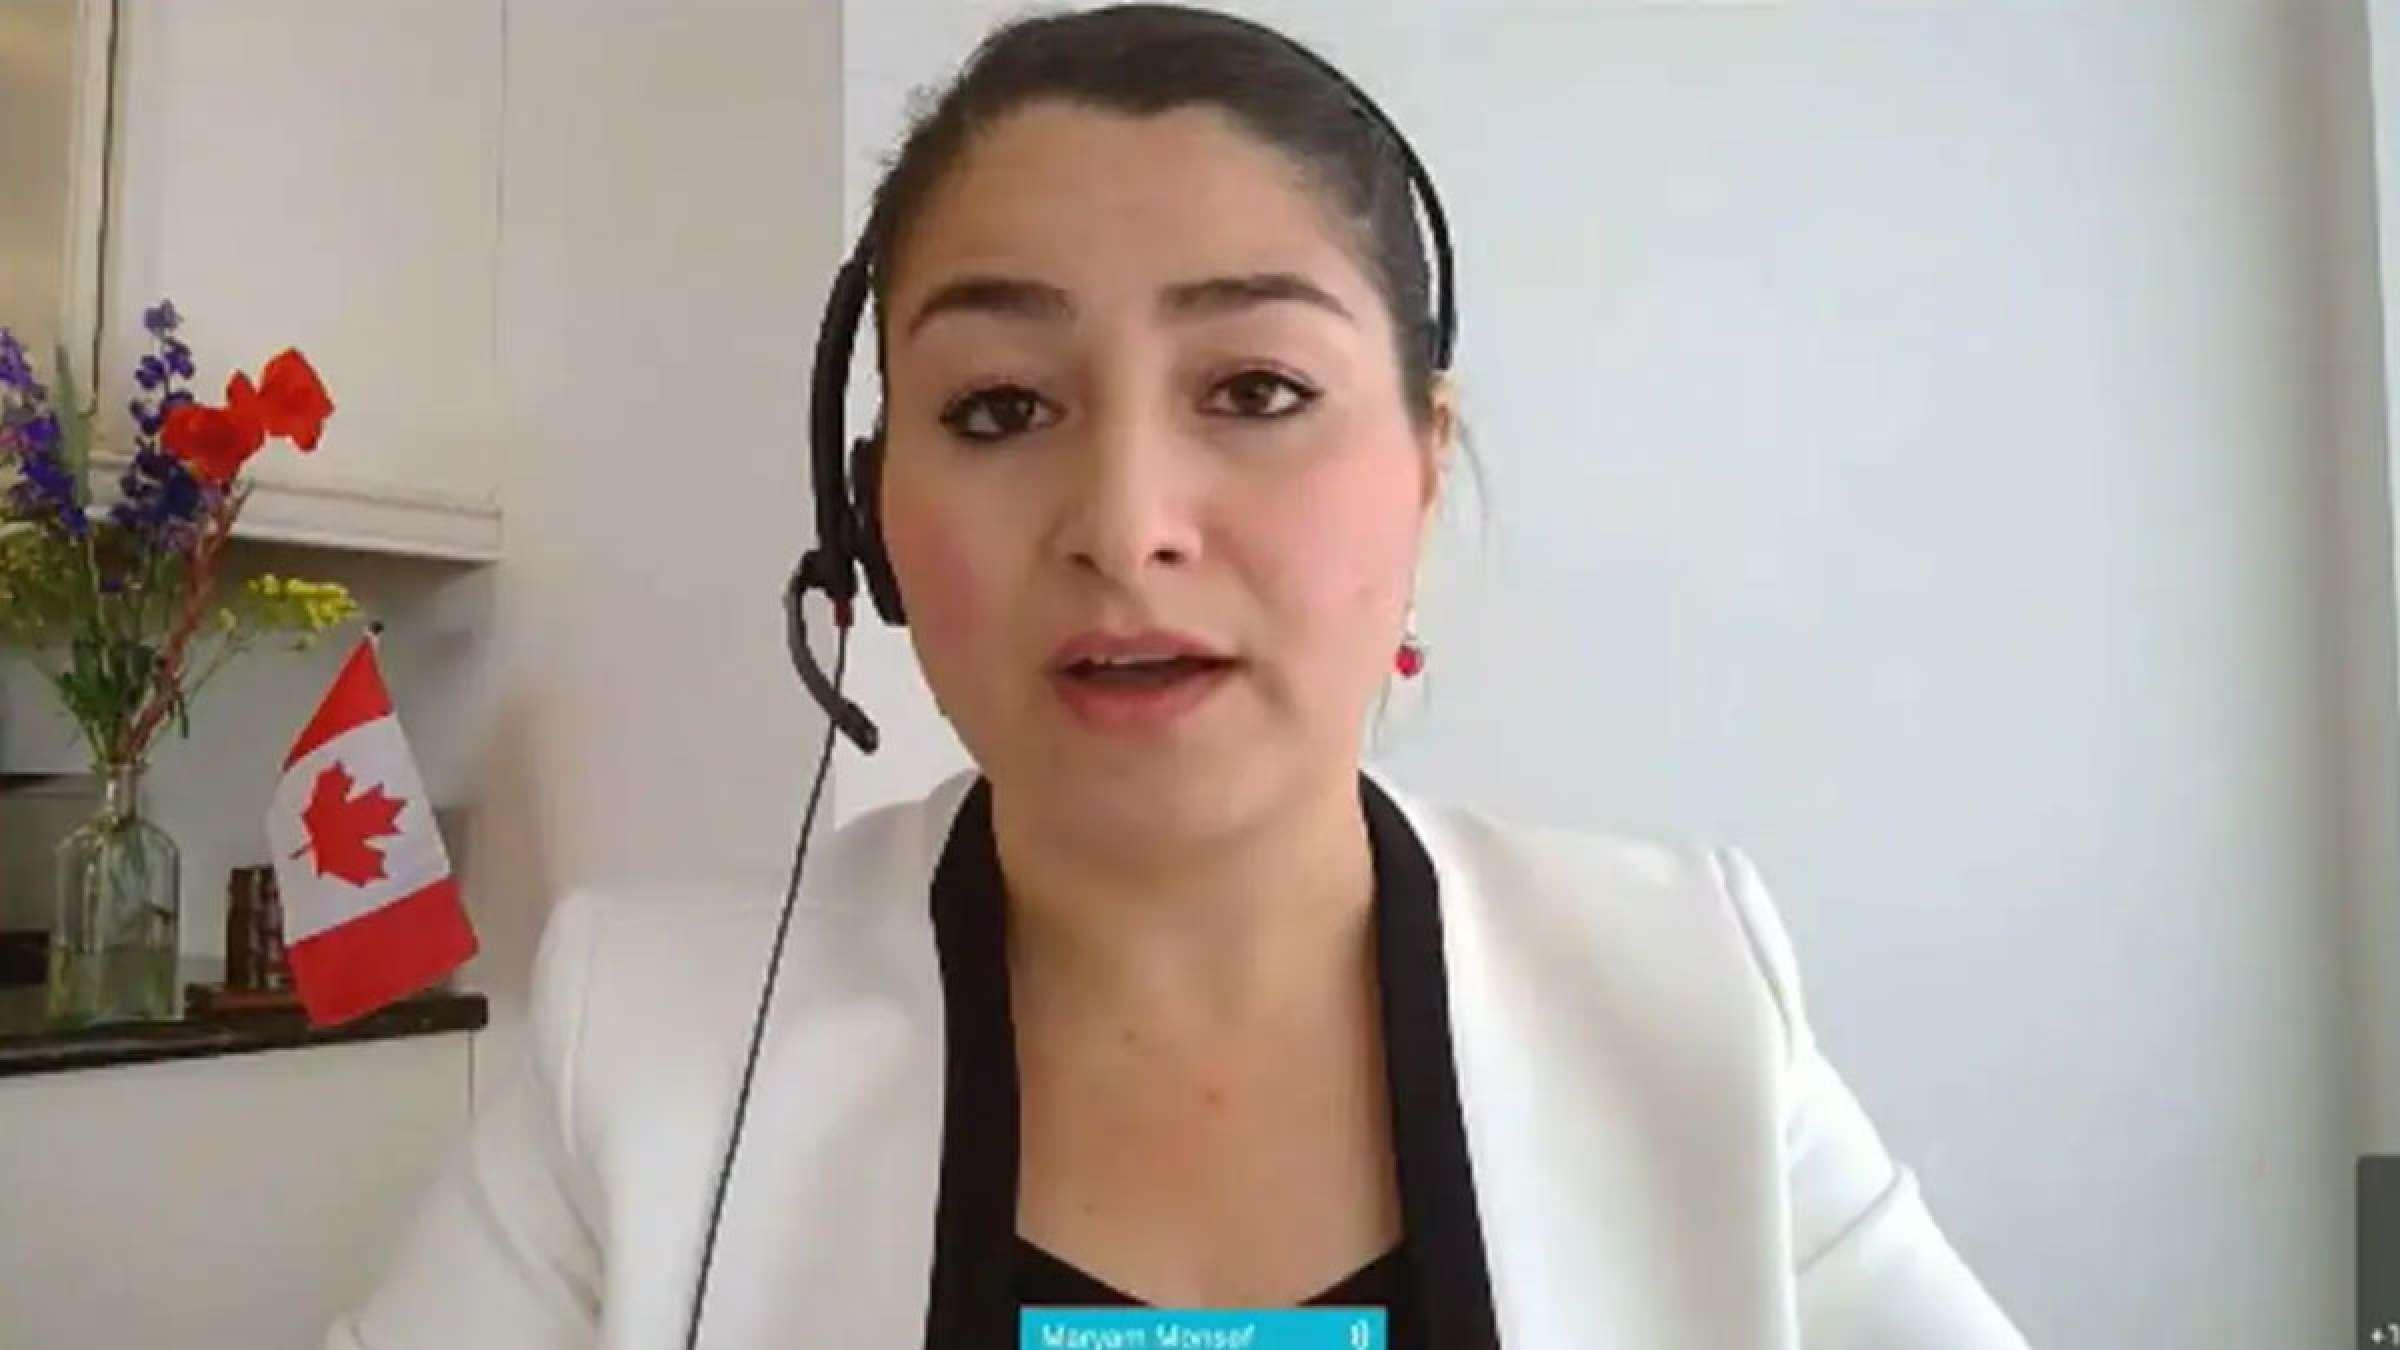 خبر-کانادا-مریم-منصف-نماینده-افغان-تبار-مجلس-کانادا-طالبان-را-برادر-نامید